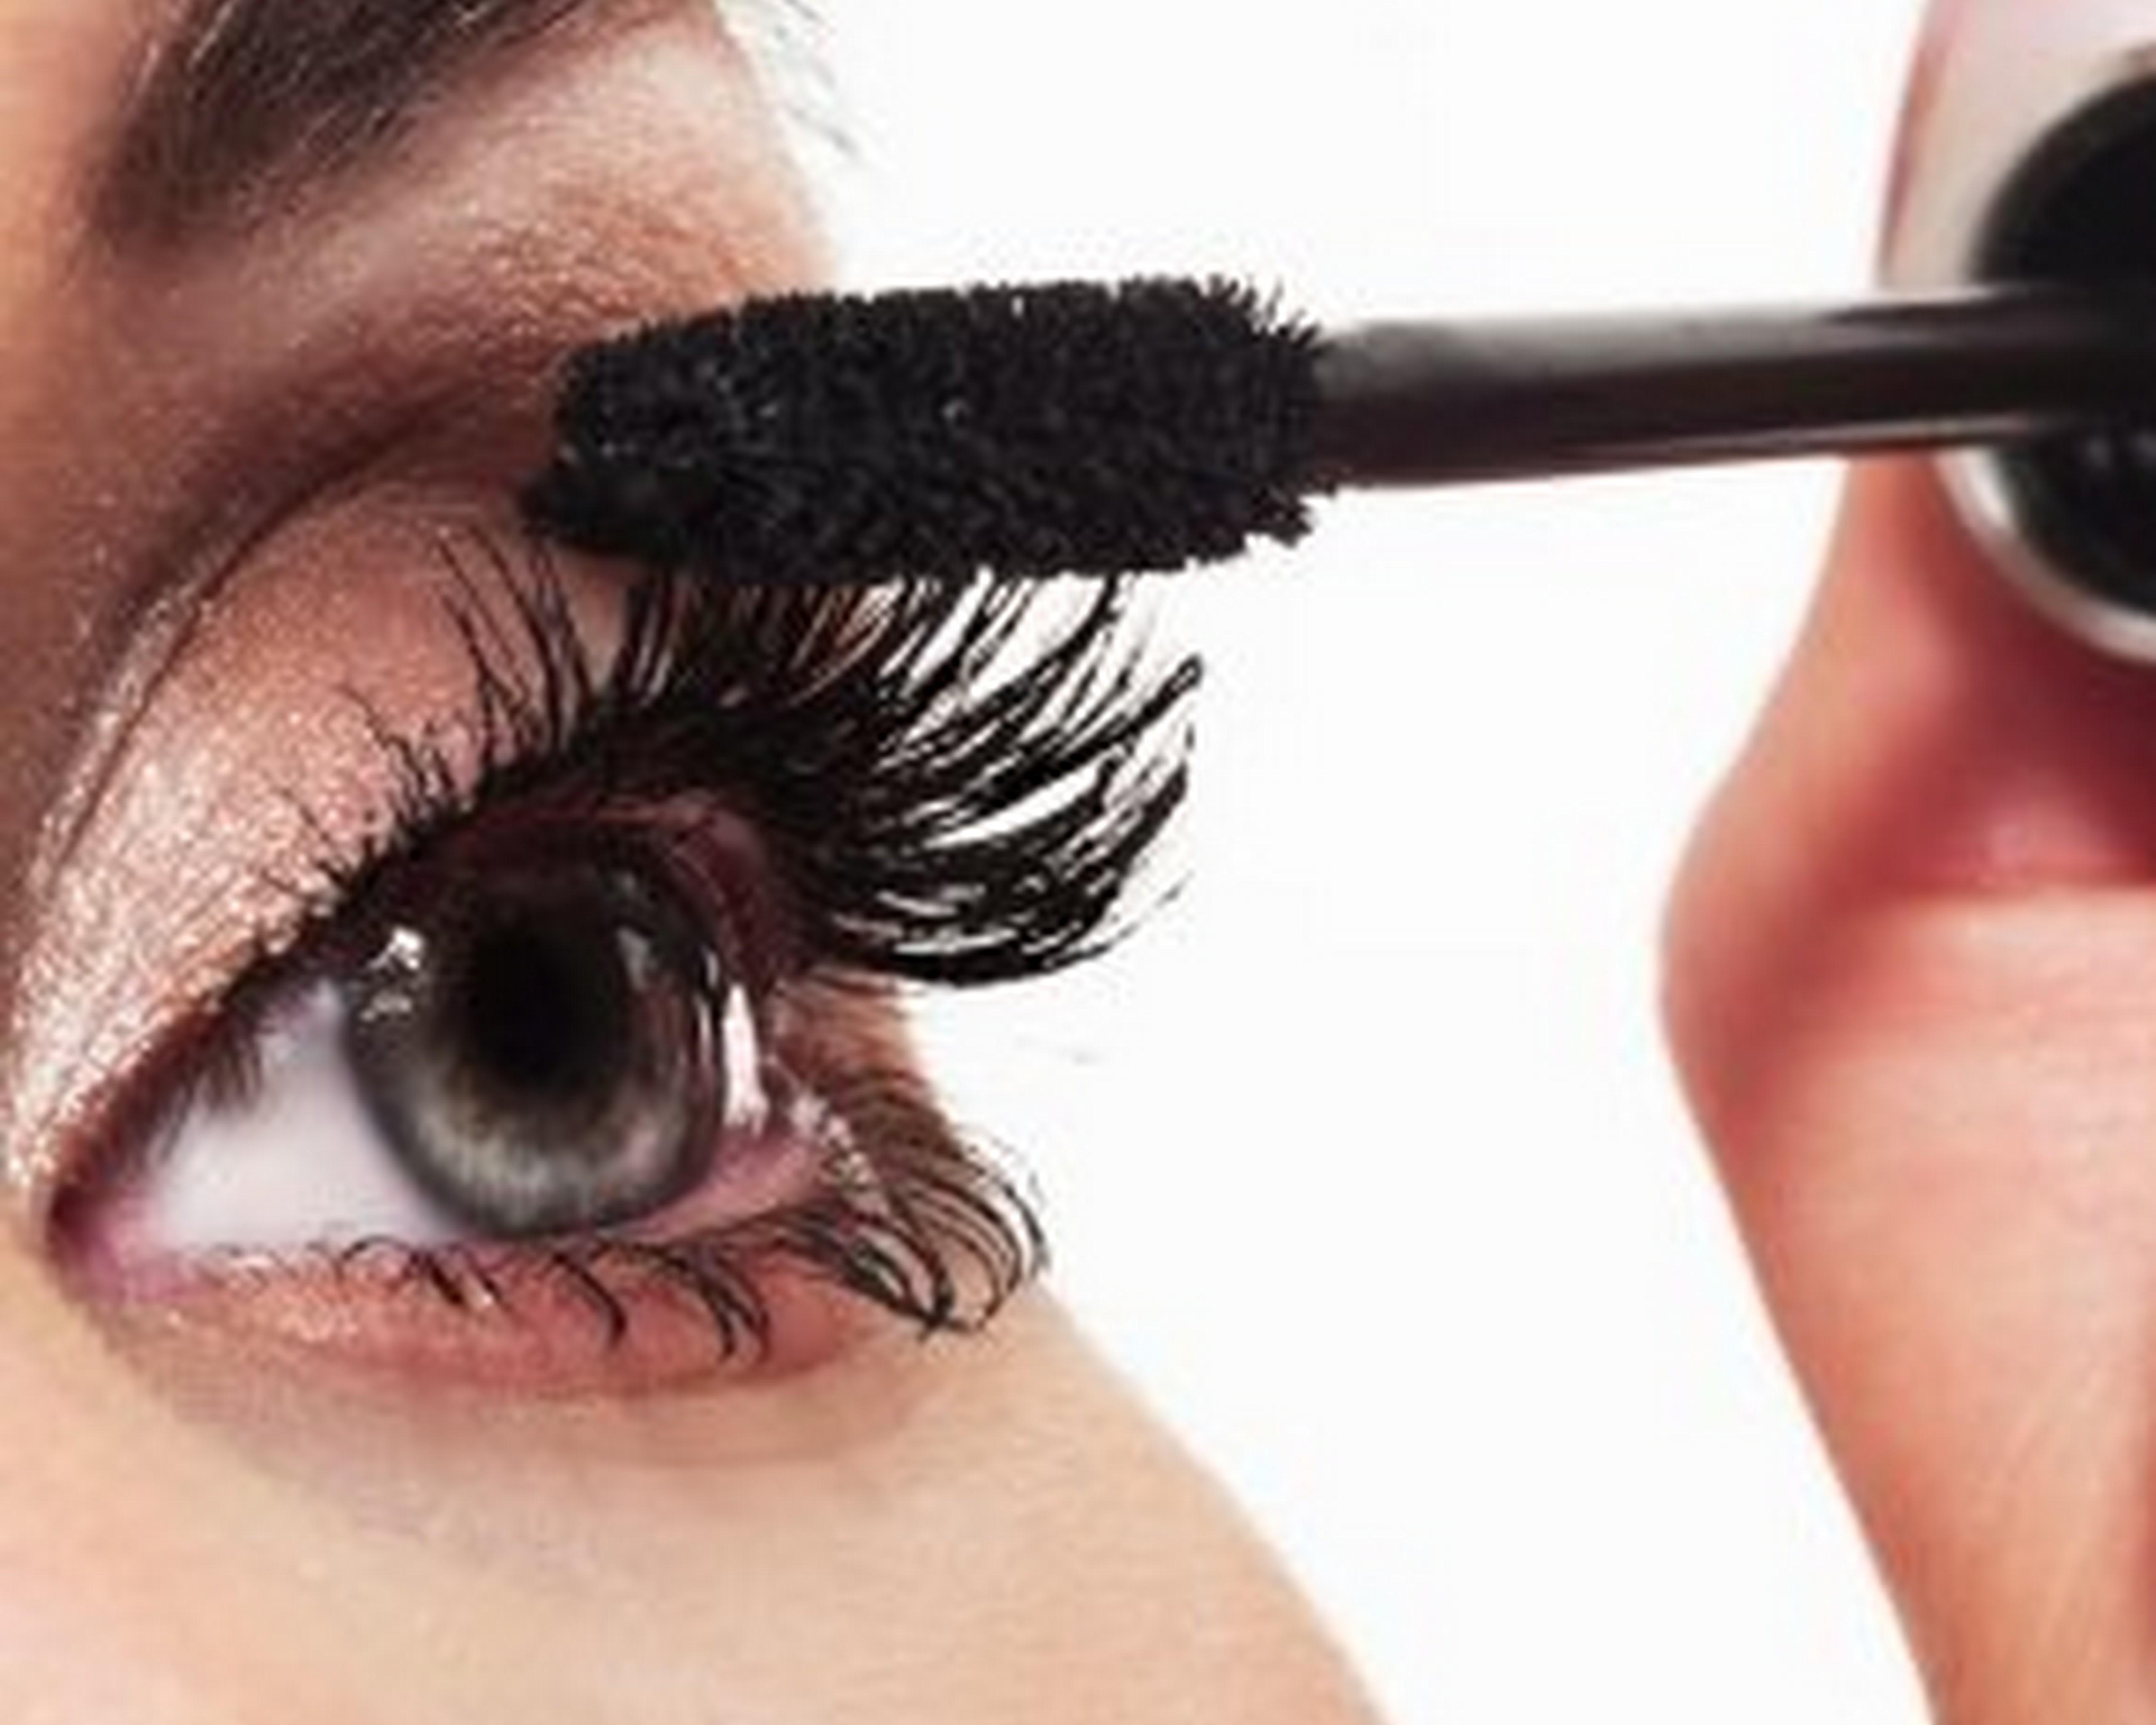 Eye With Mascara image